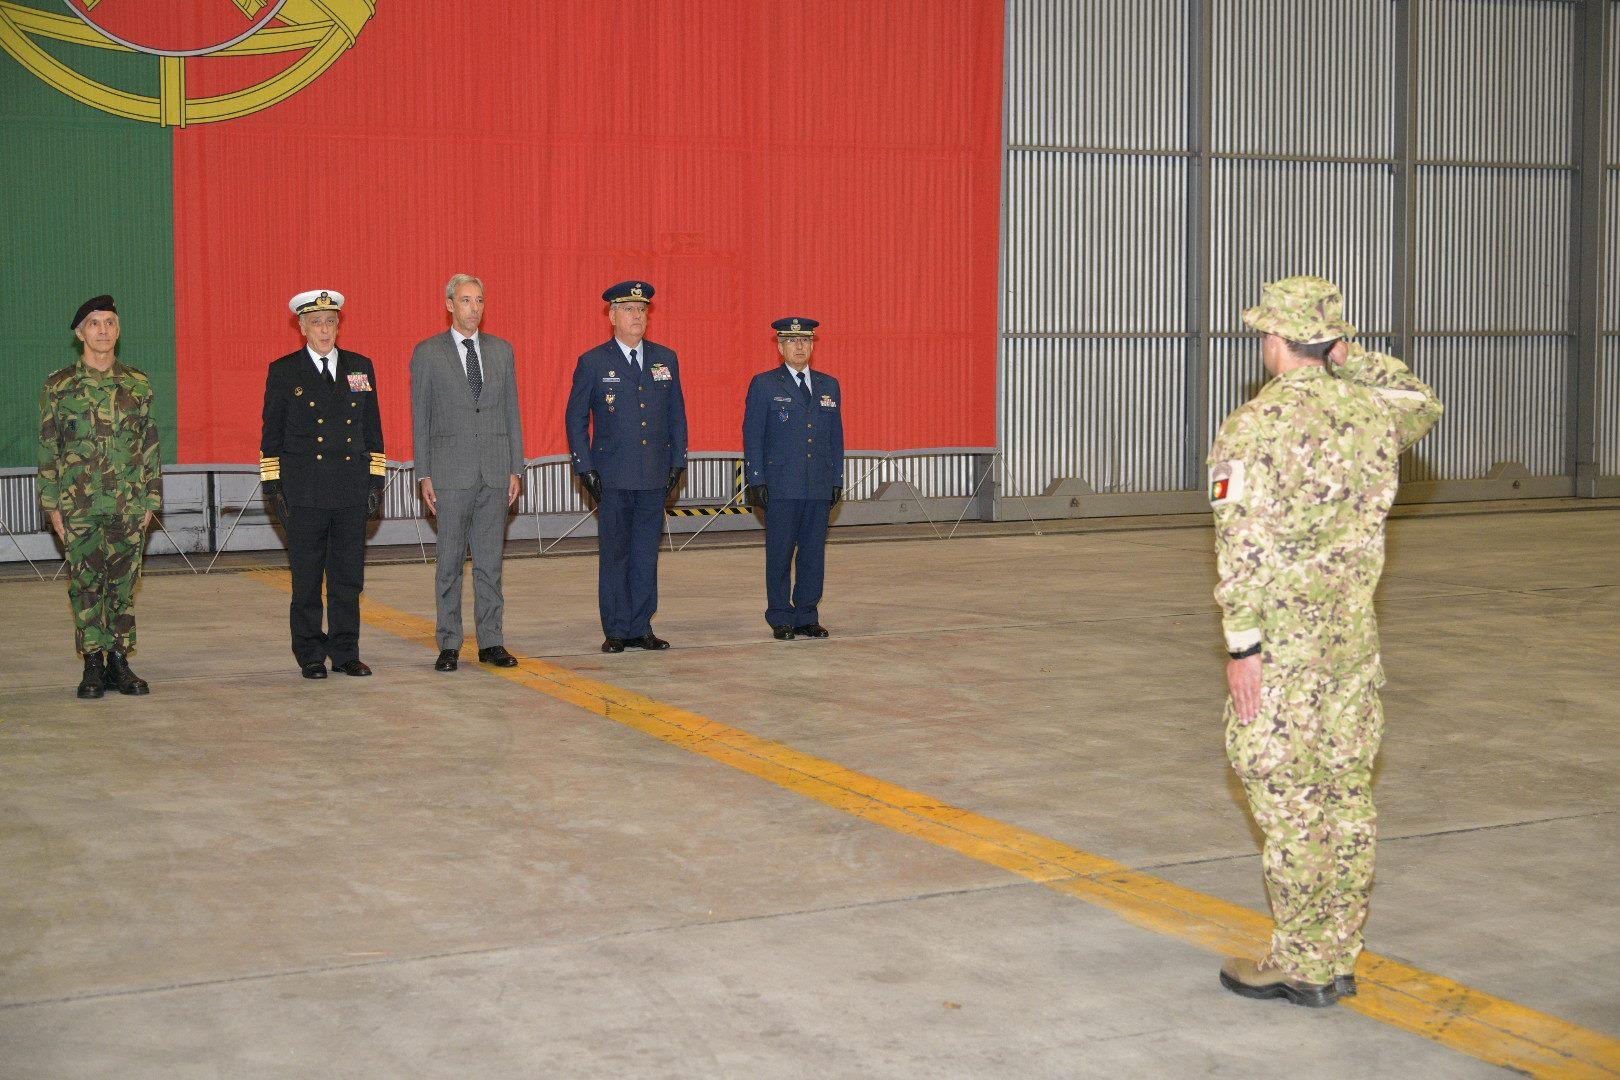 Portugal envia 8ª Força Nacional Destacada (FND) para o Iraque